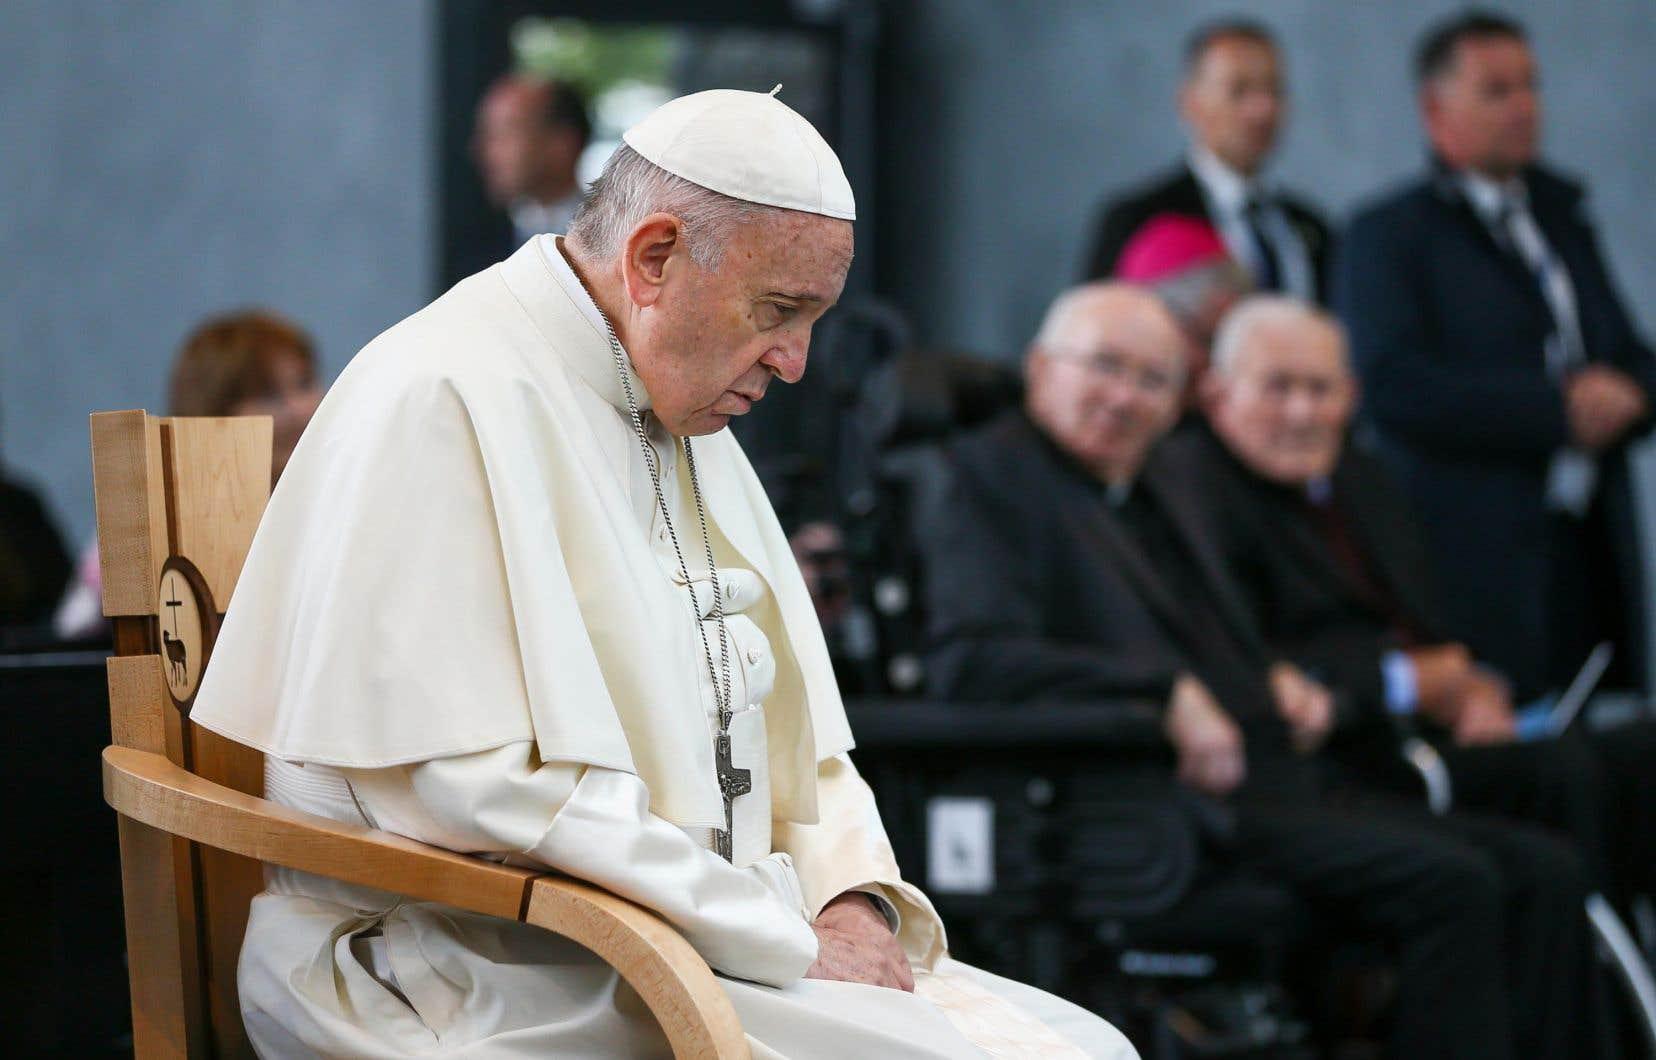 Le pape François prie au sanctuaire de Knock, le 26 août 2018, lors de sa visite en Irlande.